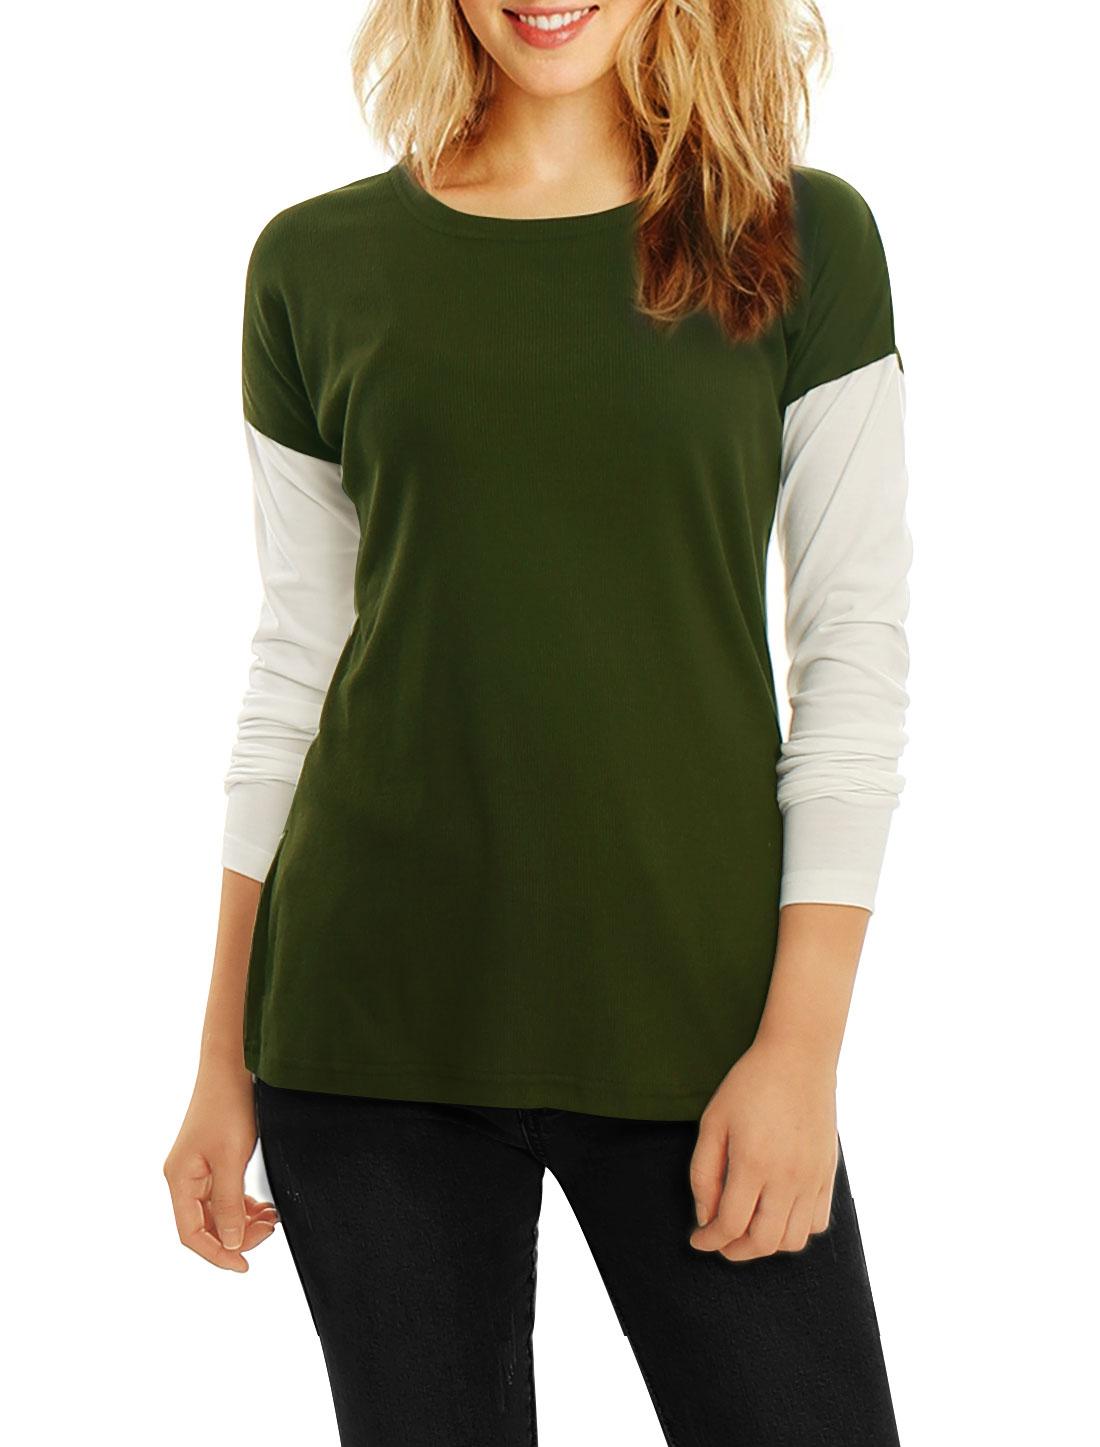 Allegra K Women Color Block Side-Slit Paneled Slim Fit Ribbed Top Green S